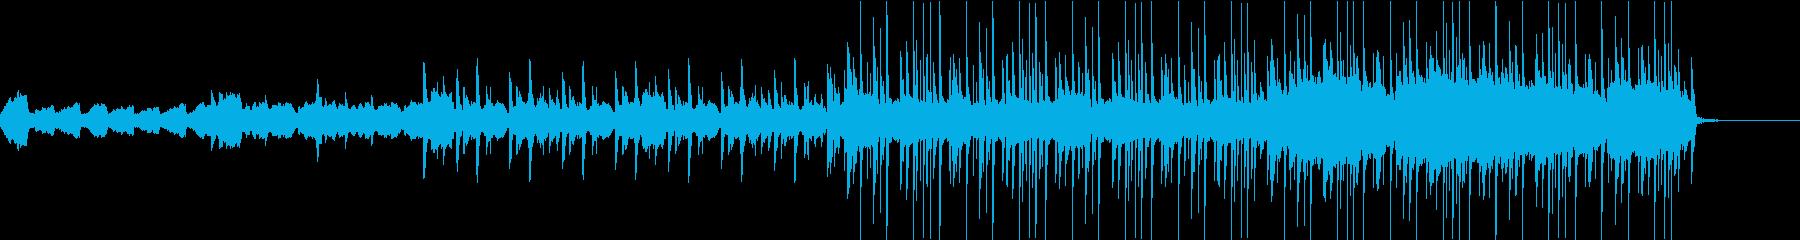 ストリングスの打ち込みが印象的なバラードの再生済みの波形